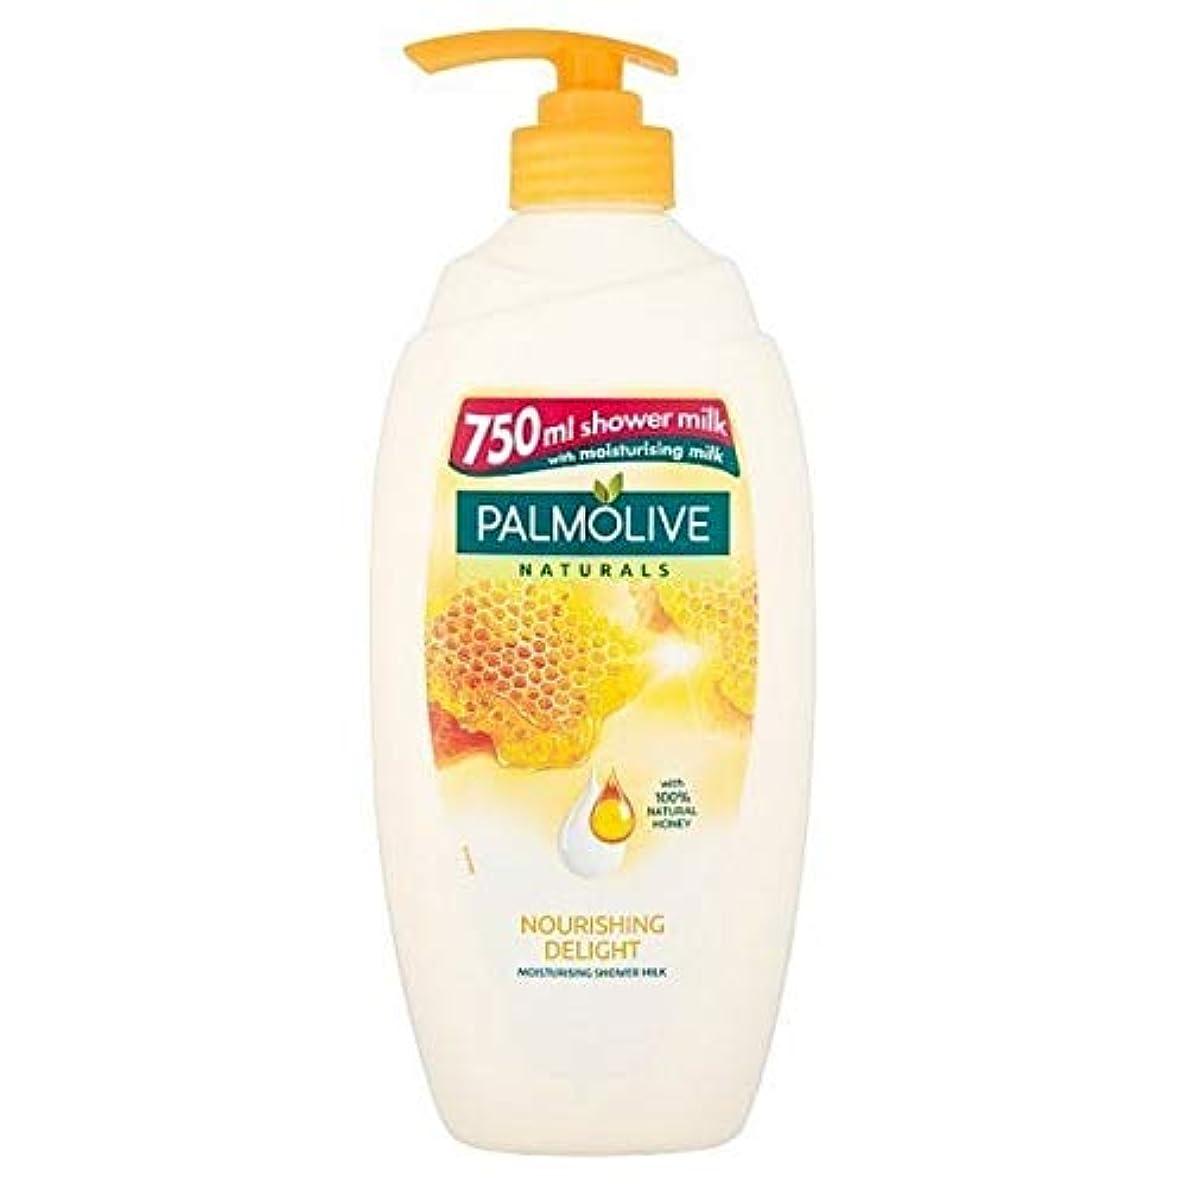 大理石並外れて練る[Palmolive ] パルモライブナチュラルミルク&ハニーシャワージェルクリーム750ミリリットル - Palmolive Naturals Milk & Honey Shower Gel Cream 750ml [並行輸入品]